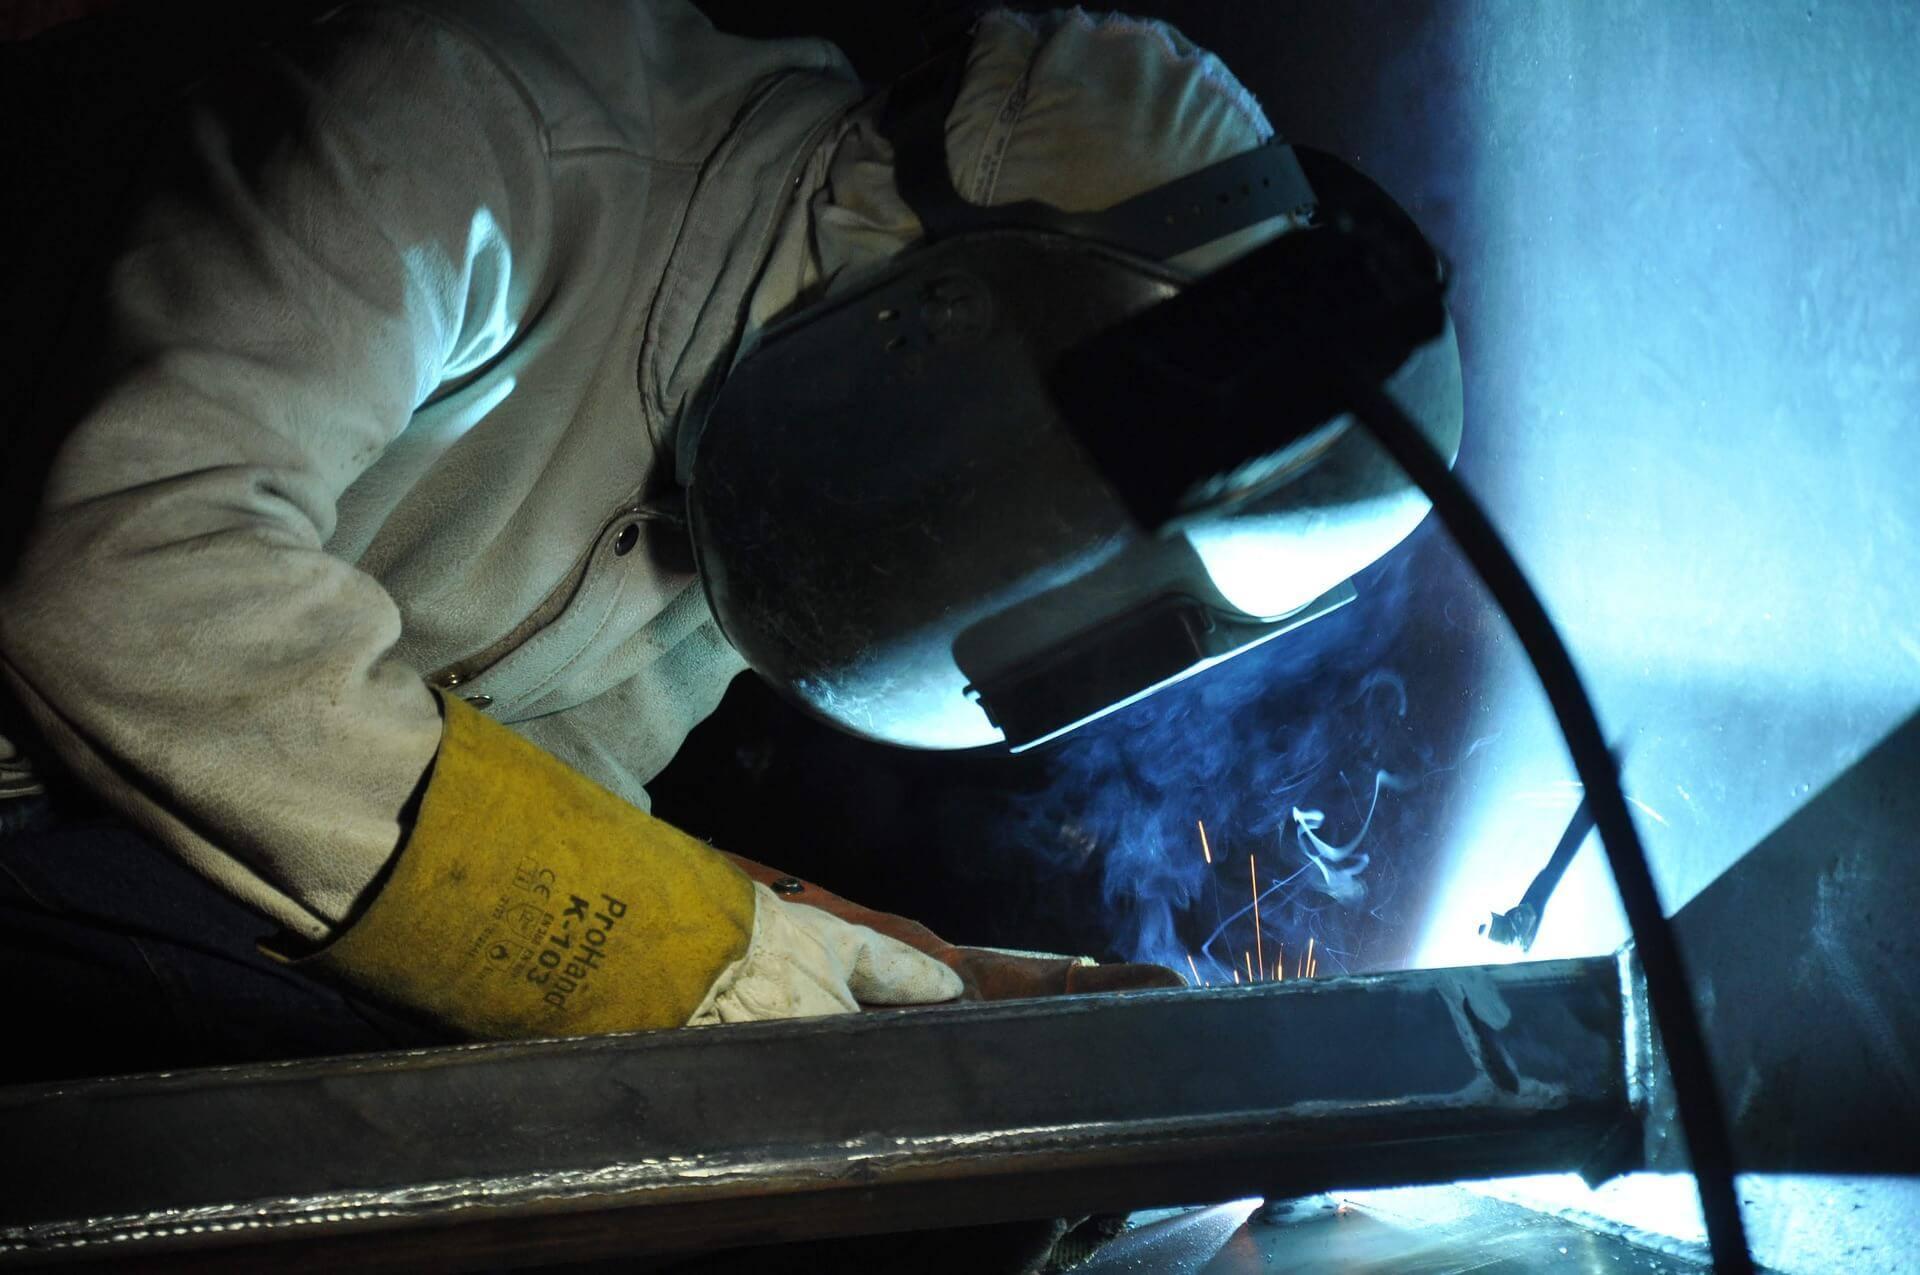 Worker welder gloves